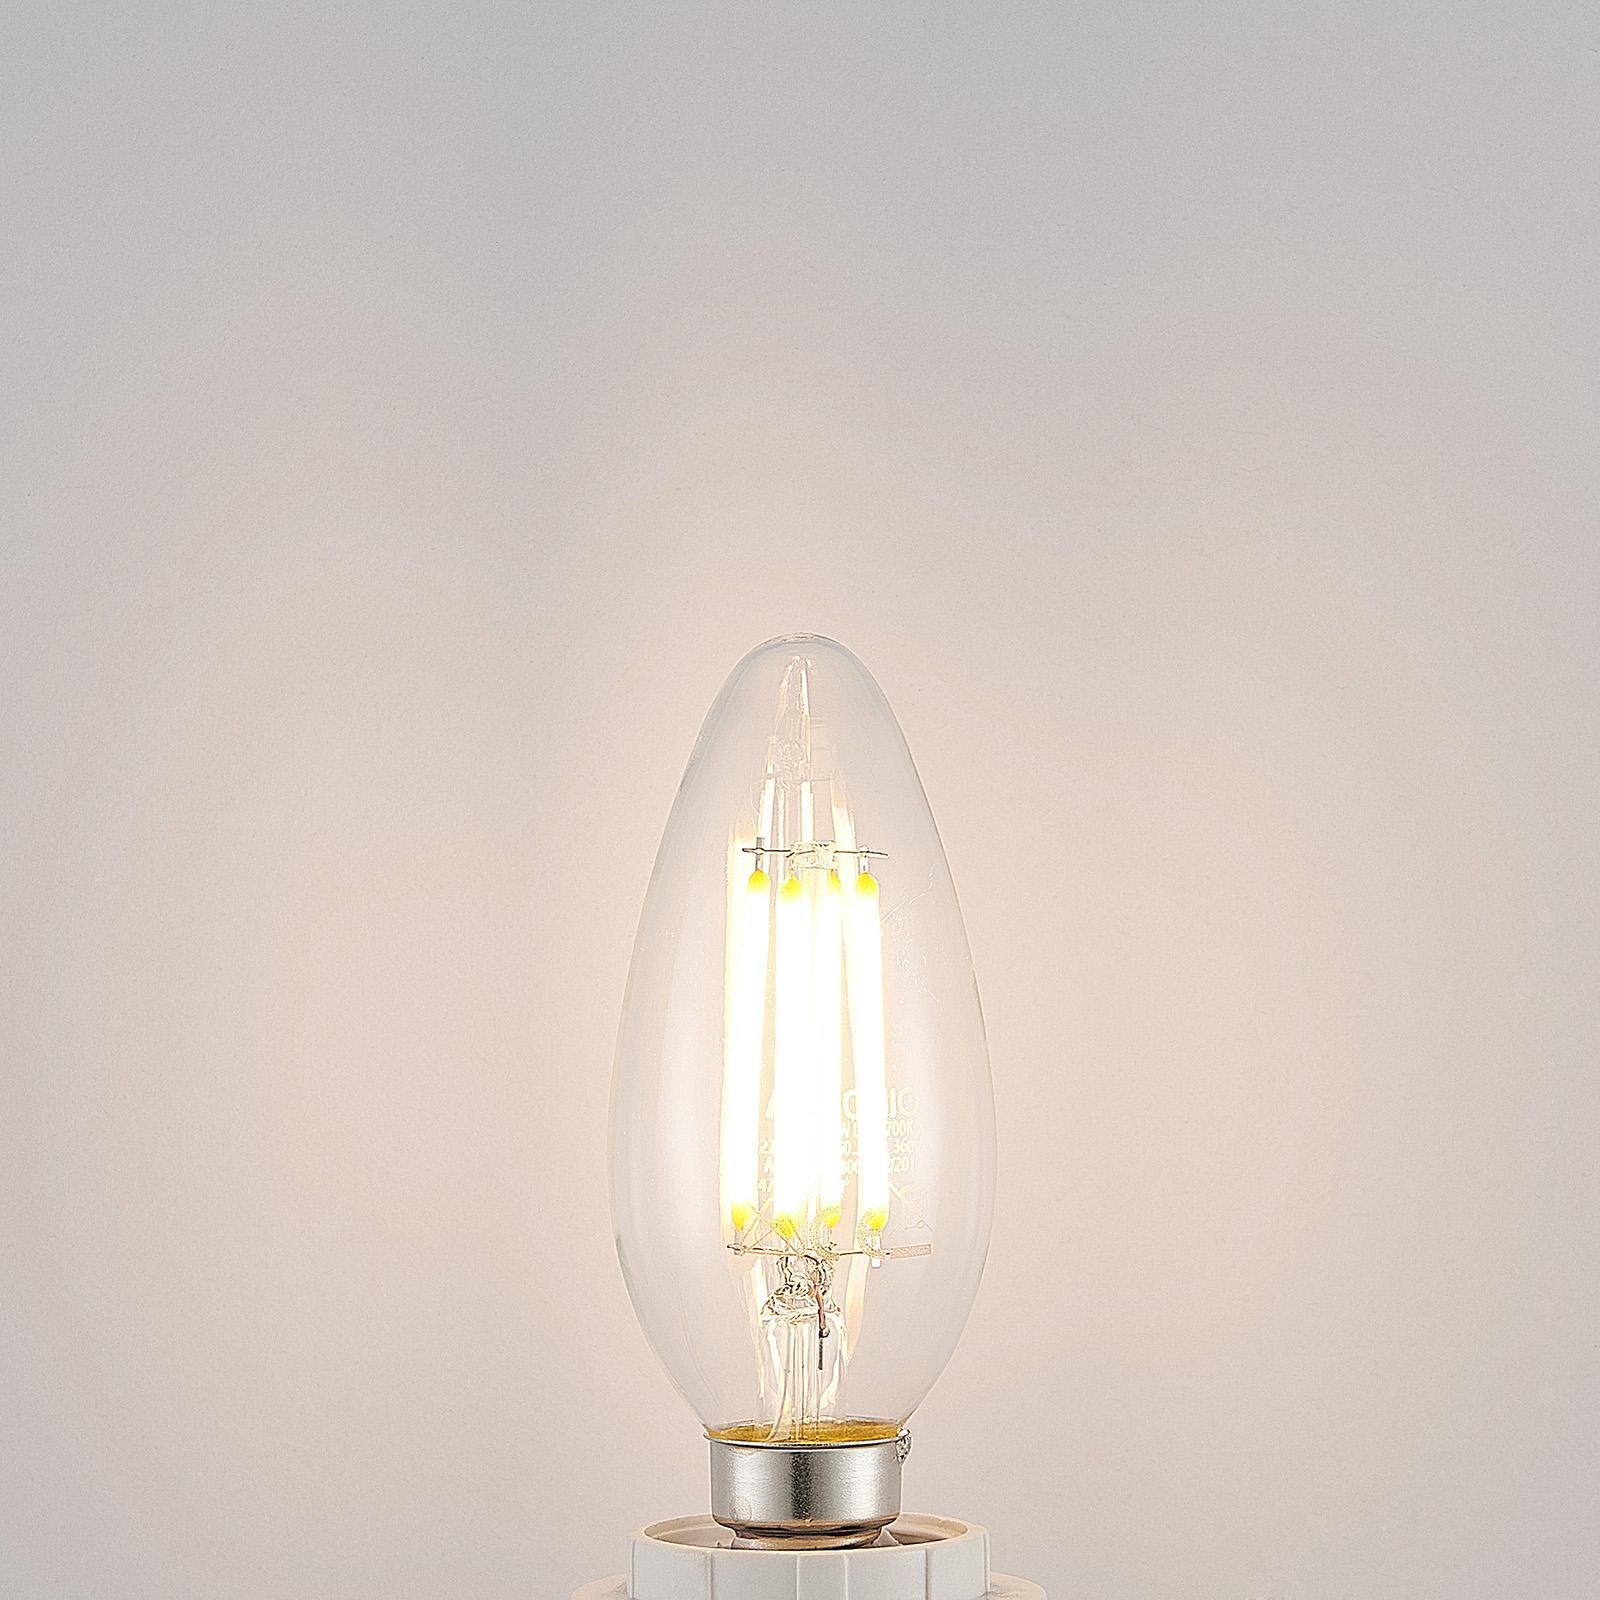 Ampoule LED E14 filament 4W 2700K dimmable